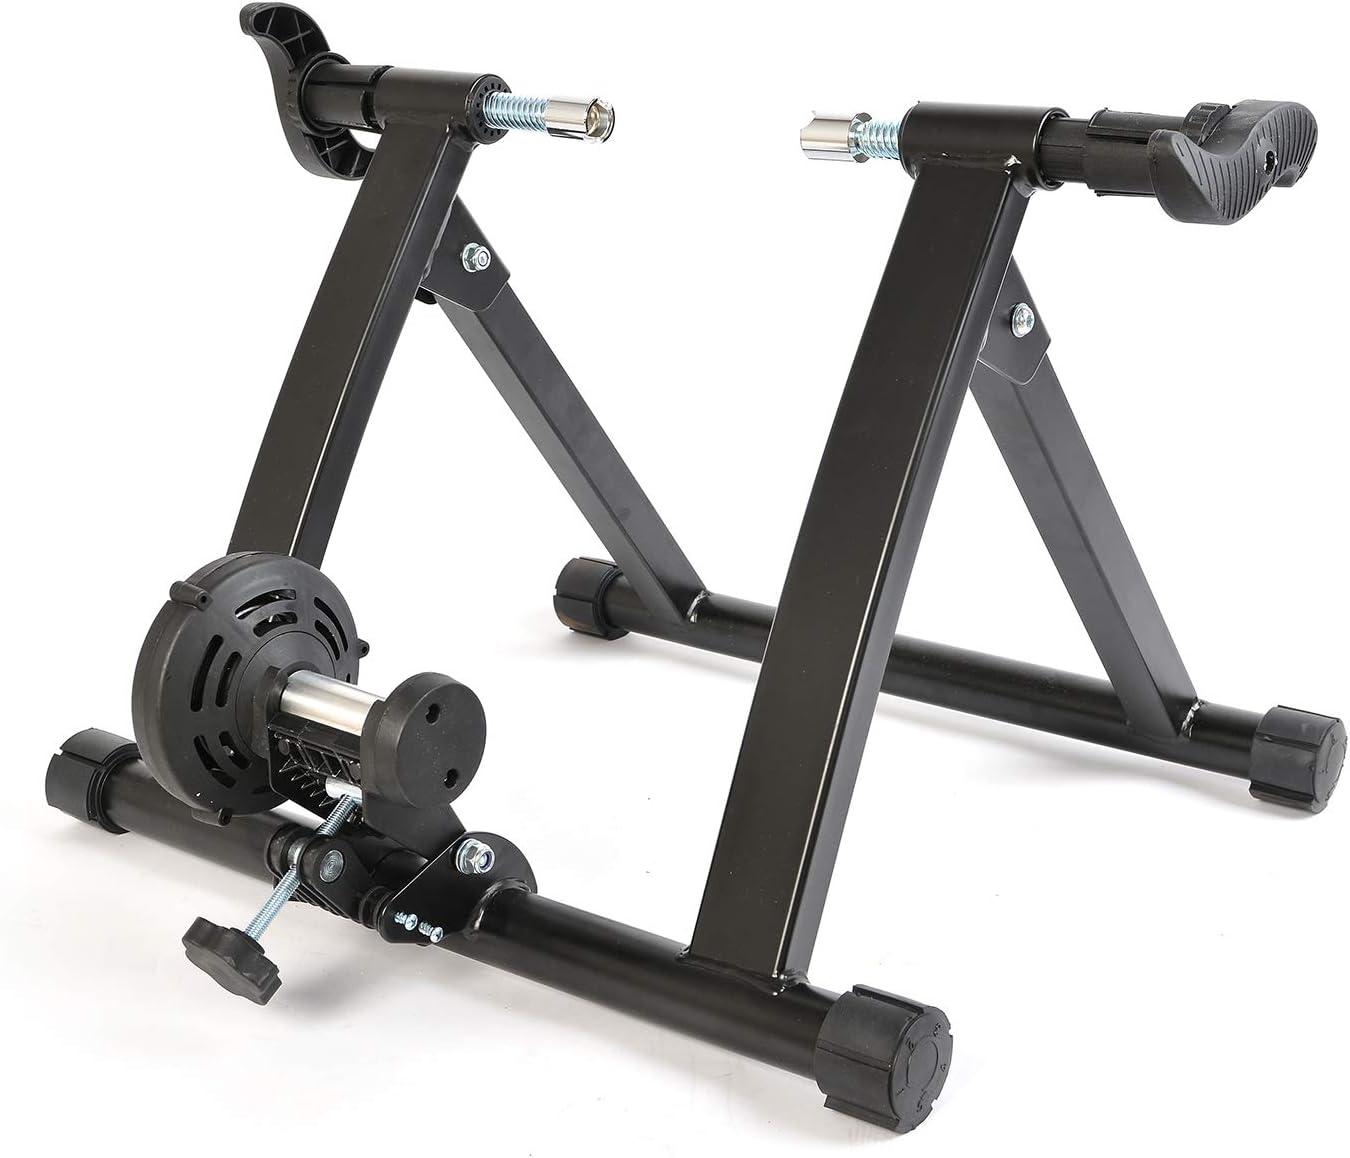 ROCKBROS Home Trainer de VTT Vélo Route pour Roue 26-28 Pouces 700C, Entraîneur Pliable en Aluminium, Capacité de Charge 130KG, Double Verrouillage Modèle Fil/ sans Fil